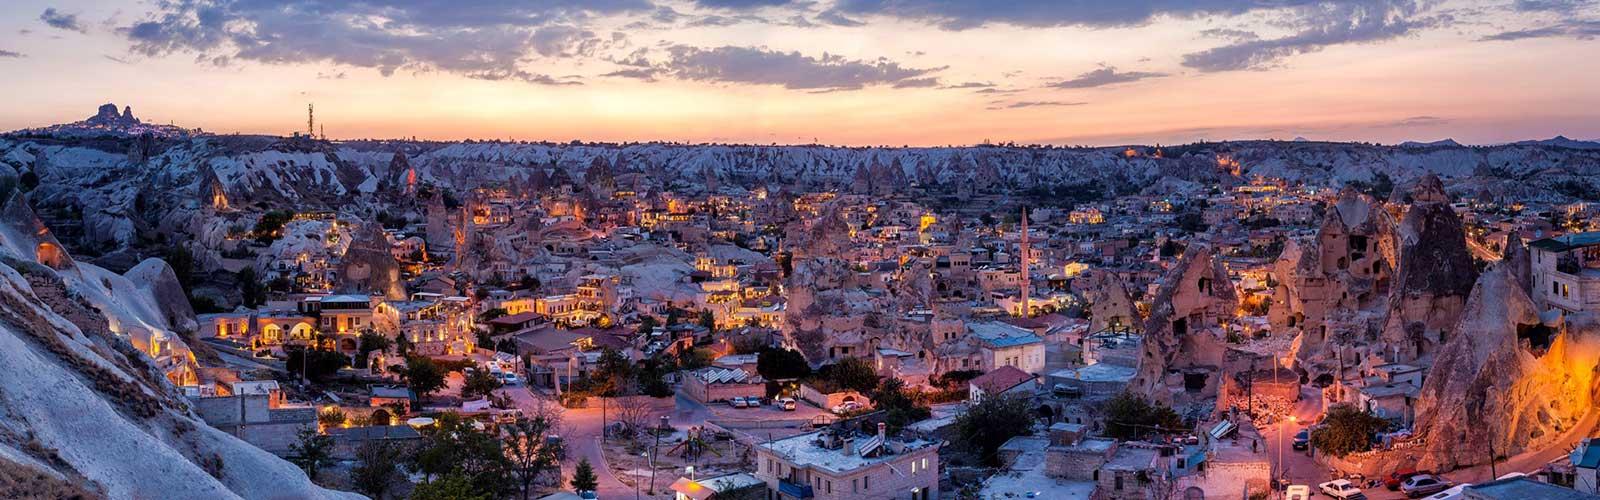 Central Anatolia, Turkey